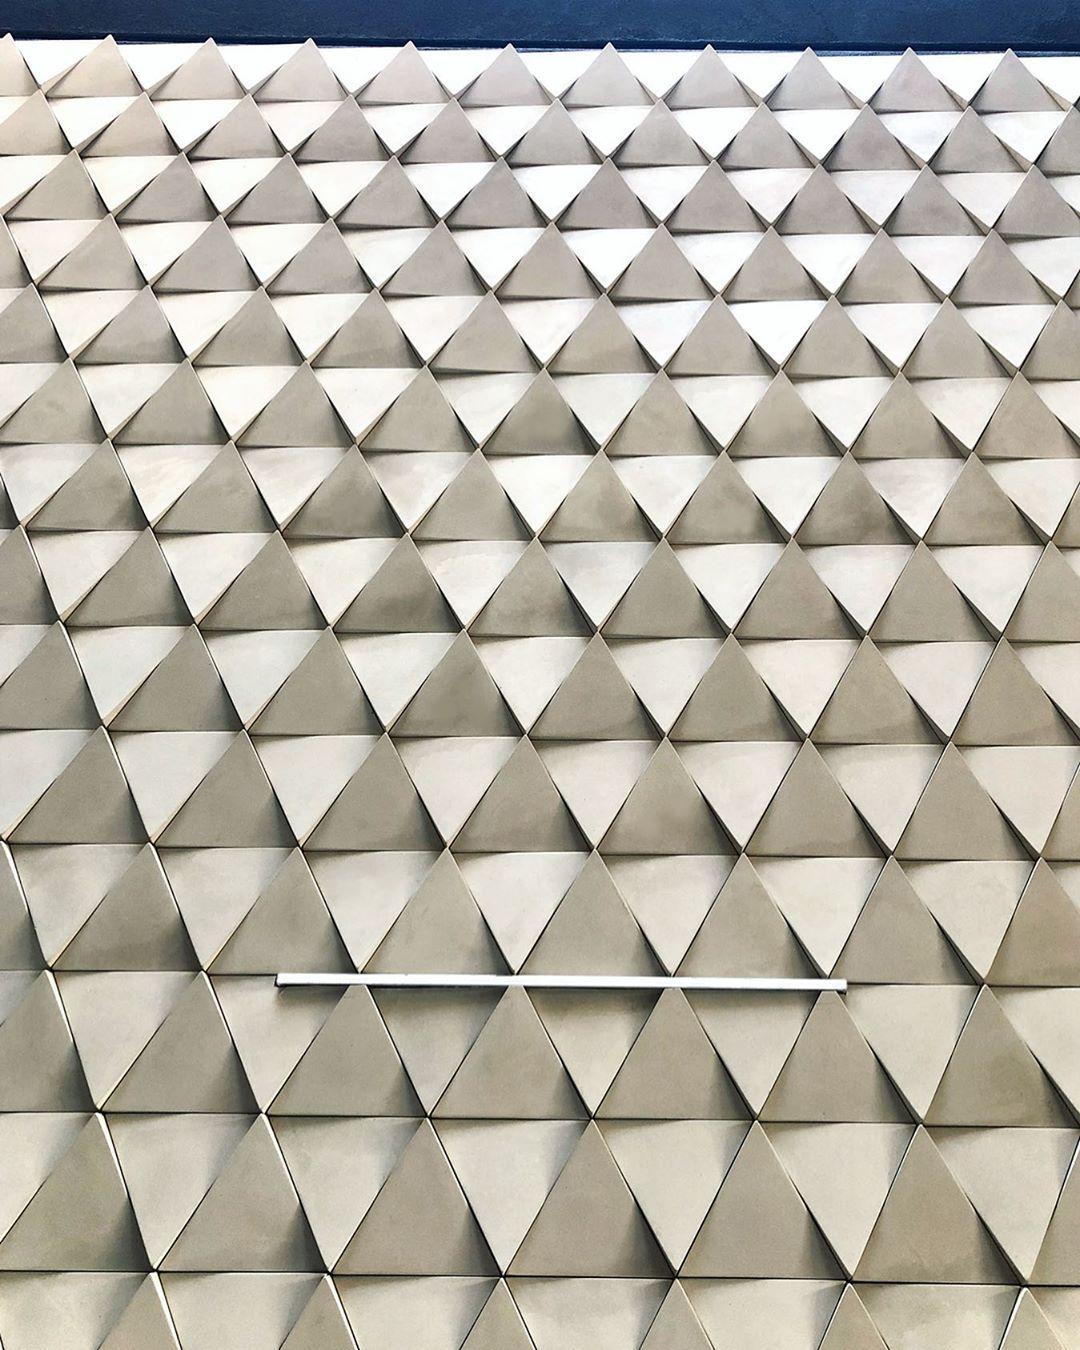 Contemporary Concrete Look Bathroom Concrete Tiles Bathroom Concrete Look Tile Best Bathroom Flooring